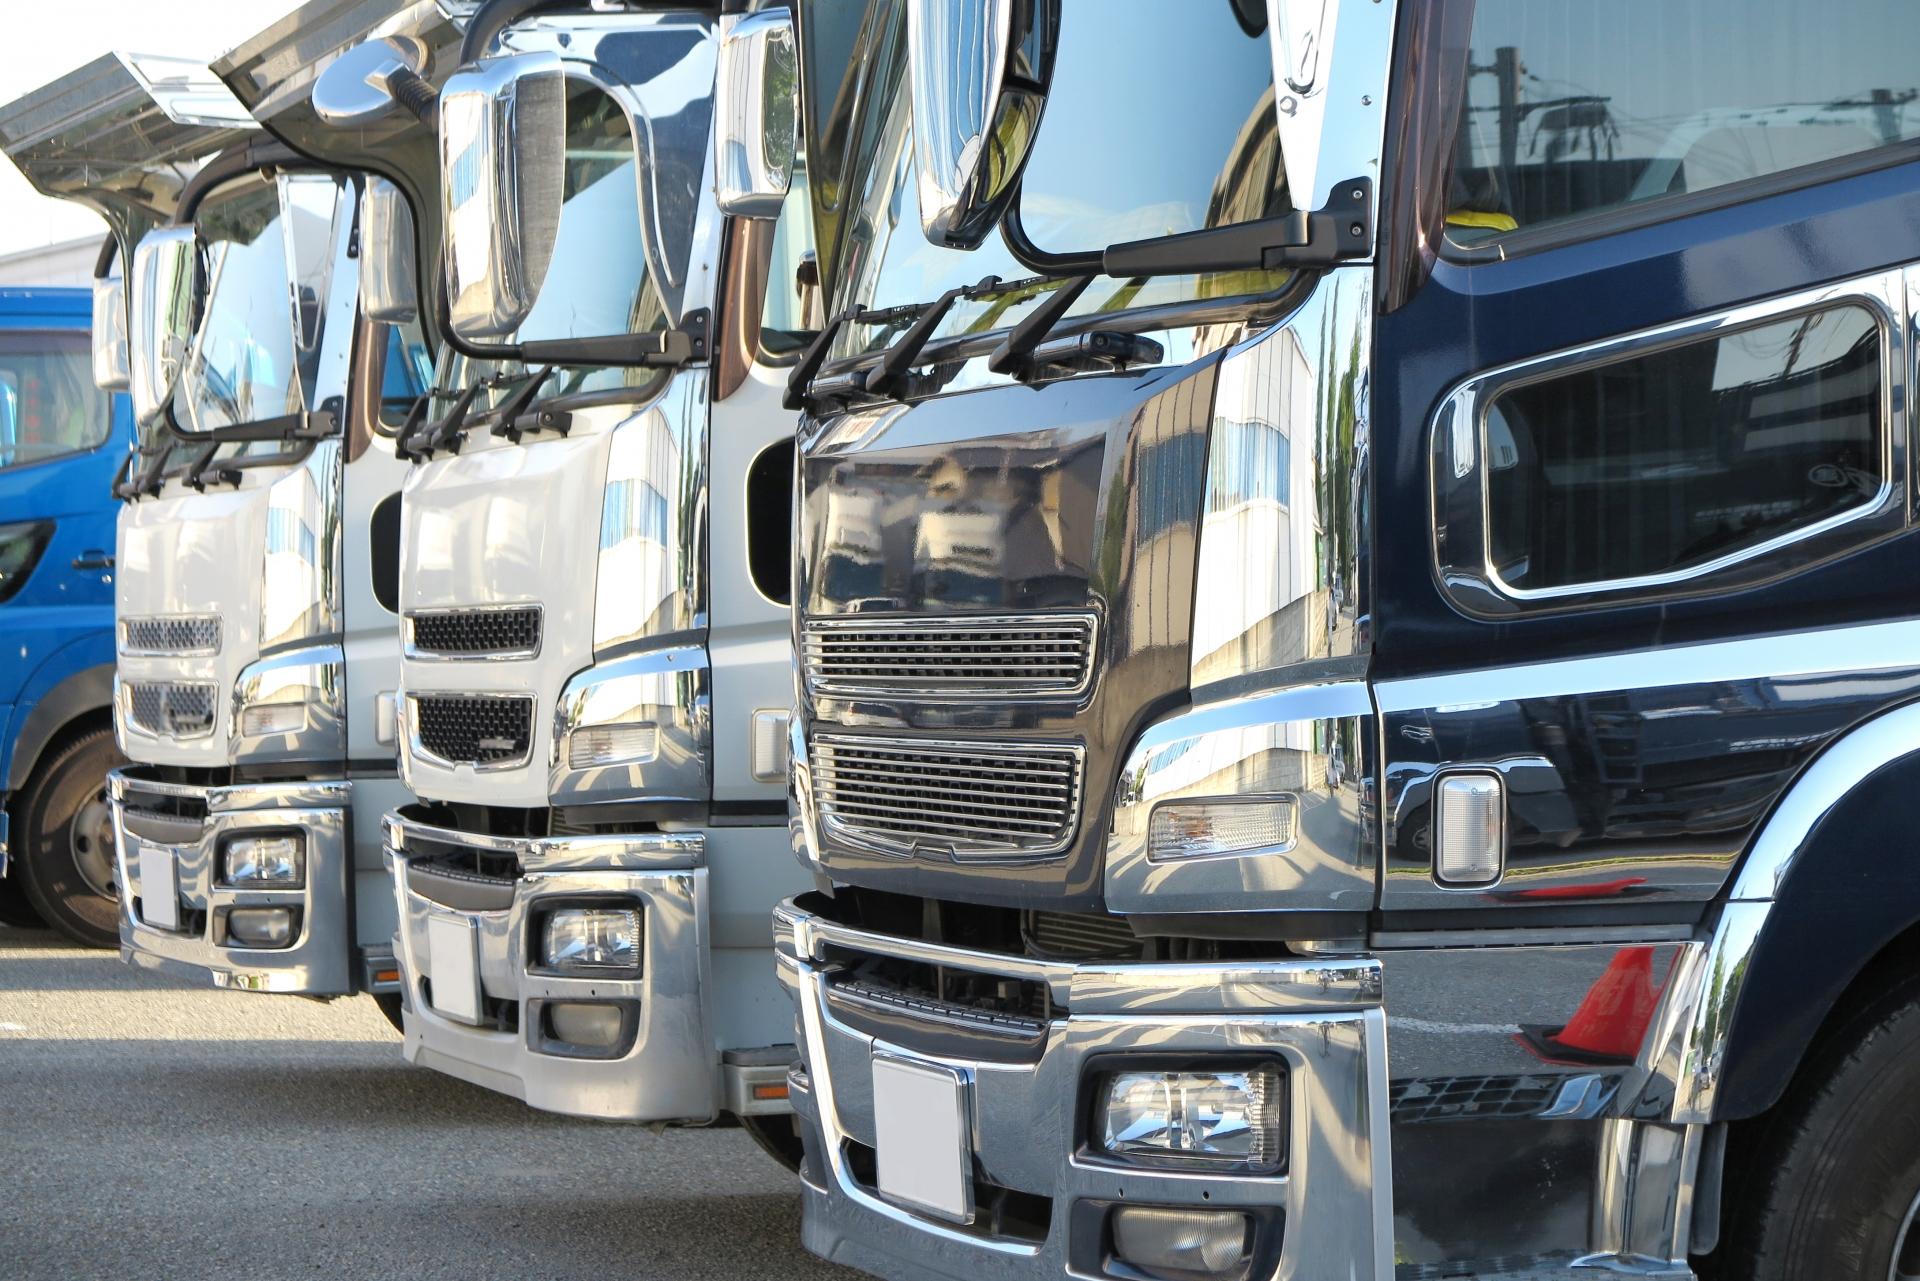 増トン・増トン車・増トントラックの種類と運転に必要な資格・免許_アイキャッチ